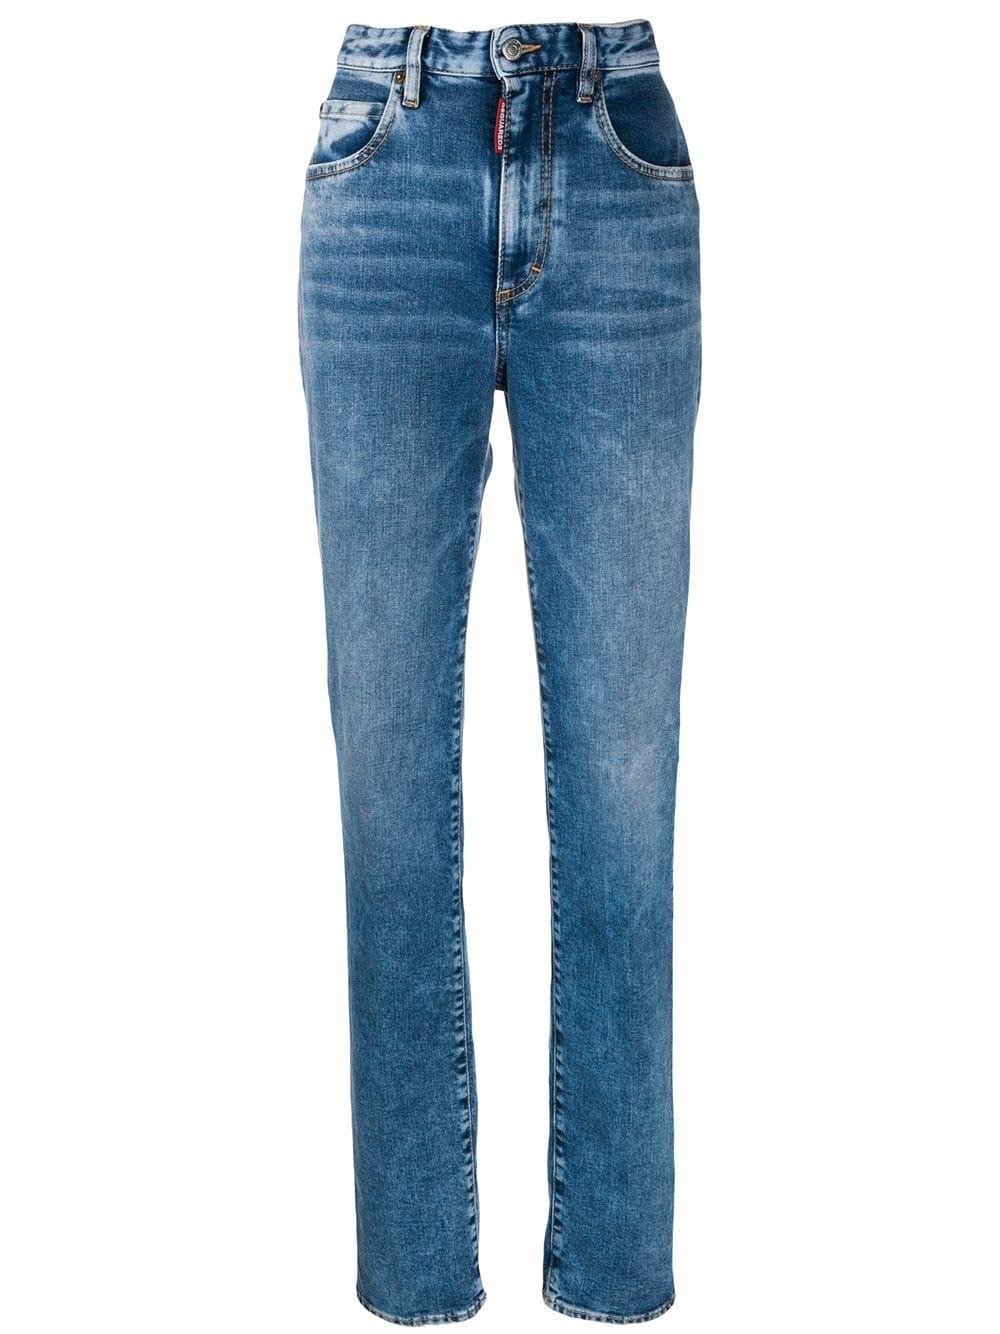 Jeans Dsquared - Jeans Moda Inverno 2019